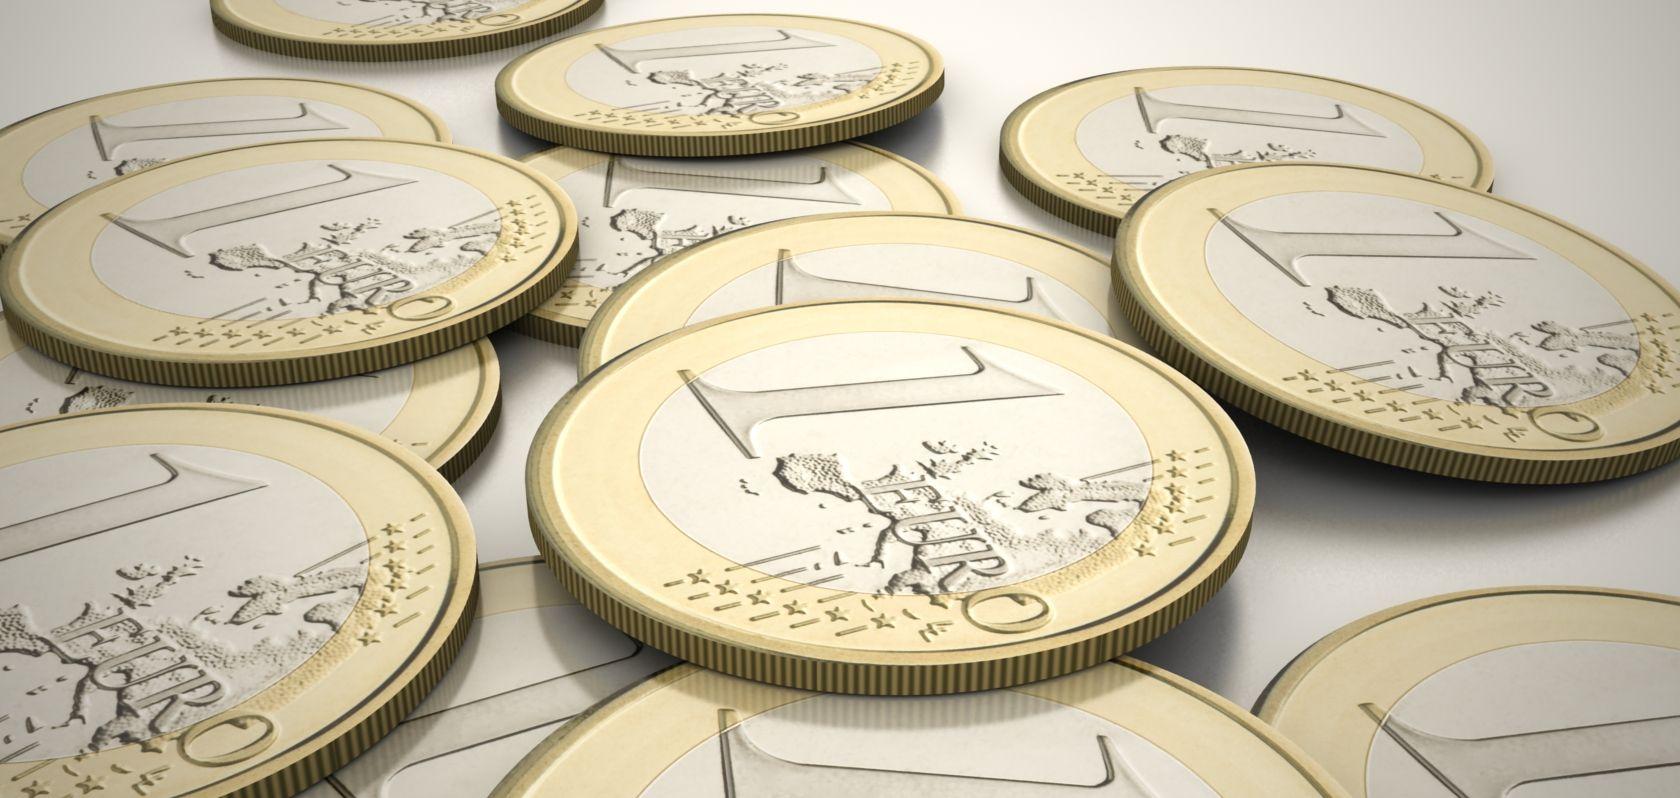 اليورو يتراجع عقب التصريحات اليونانية